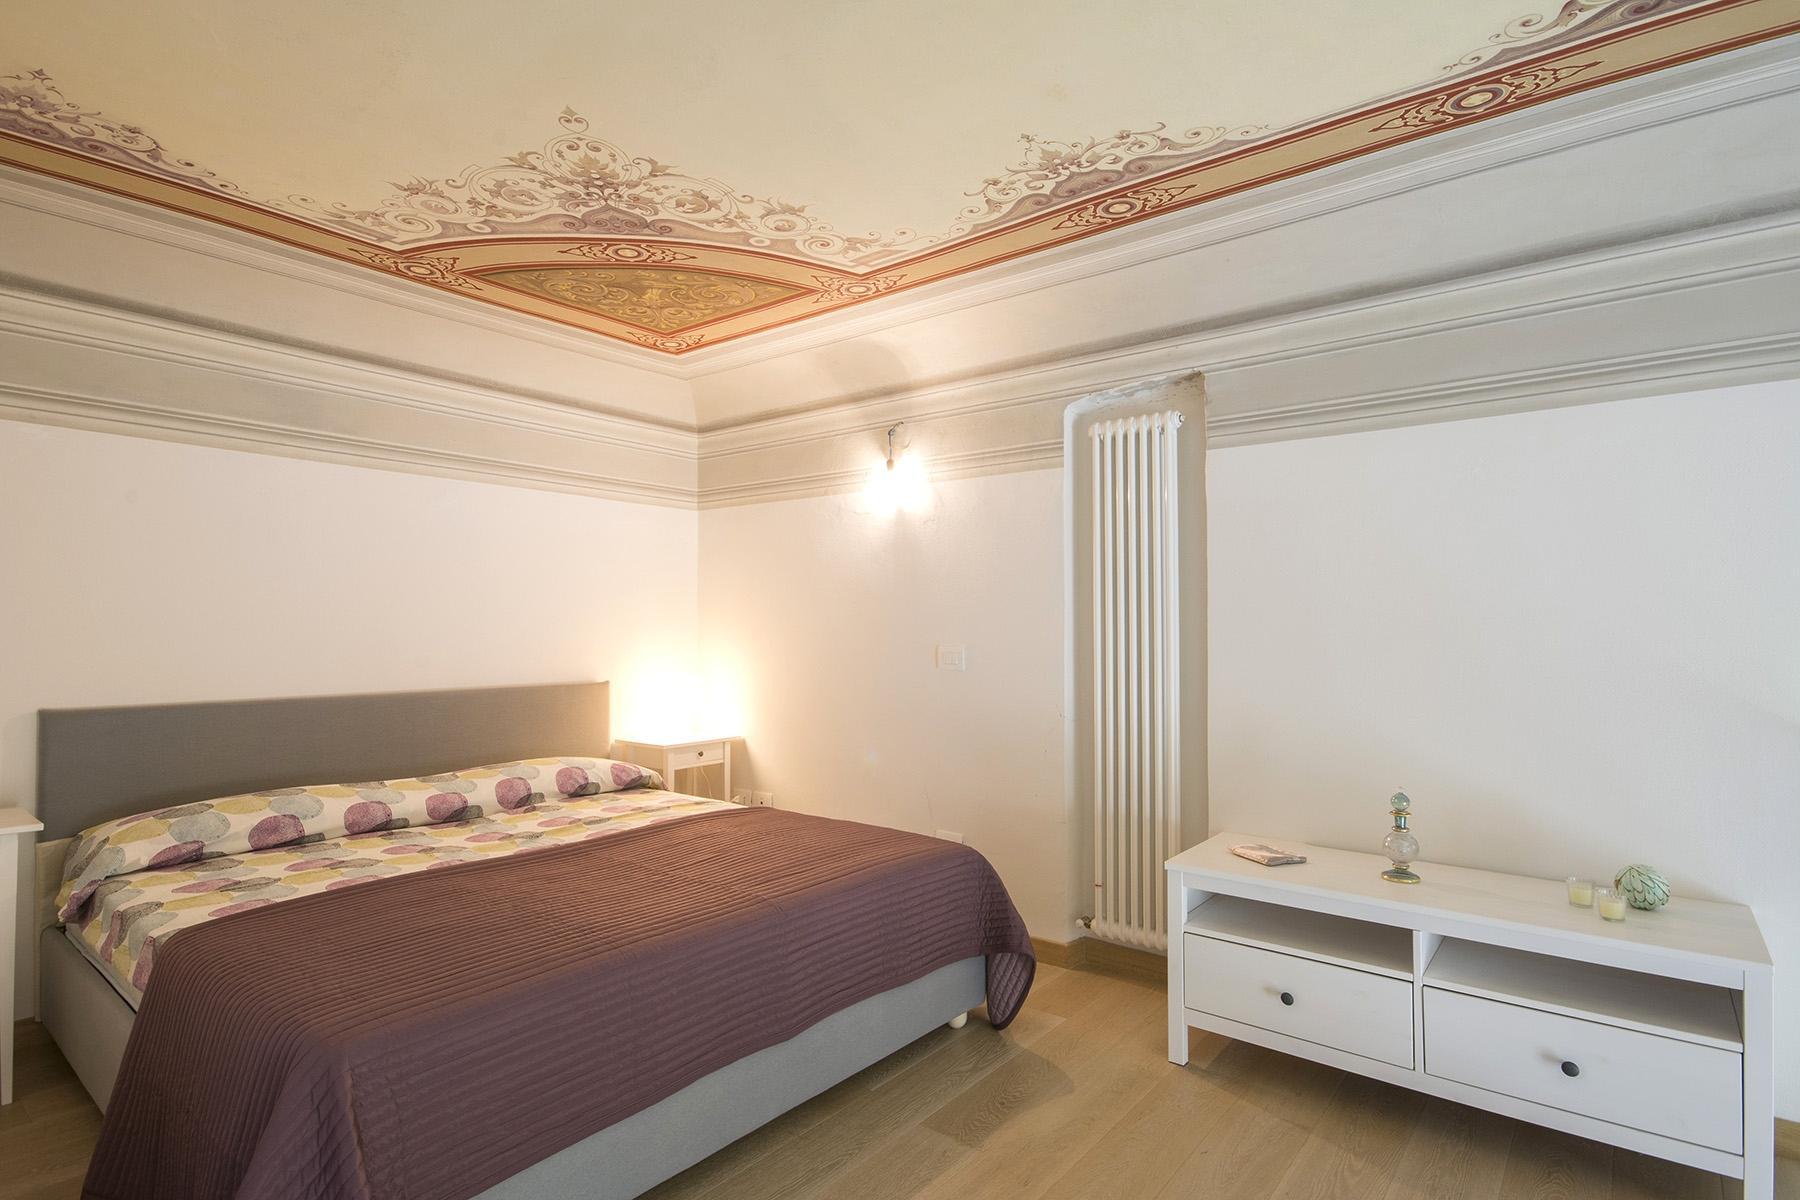 Wunderschöne moderne Wohnung im Oltrarno-Gebiet - 9